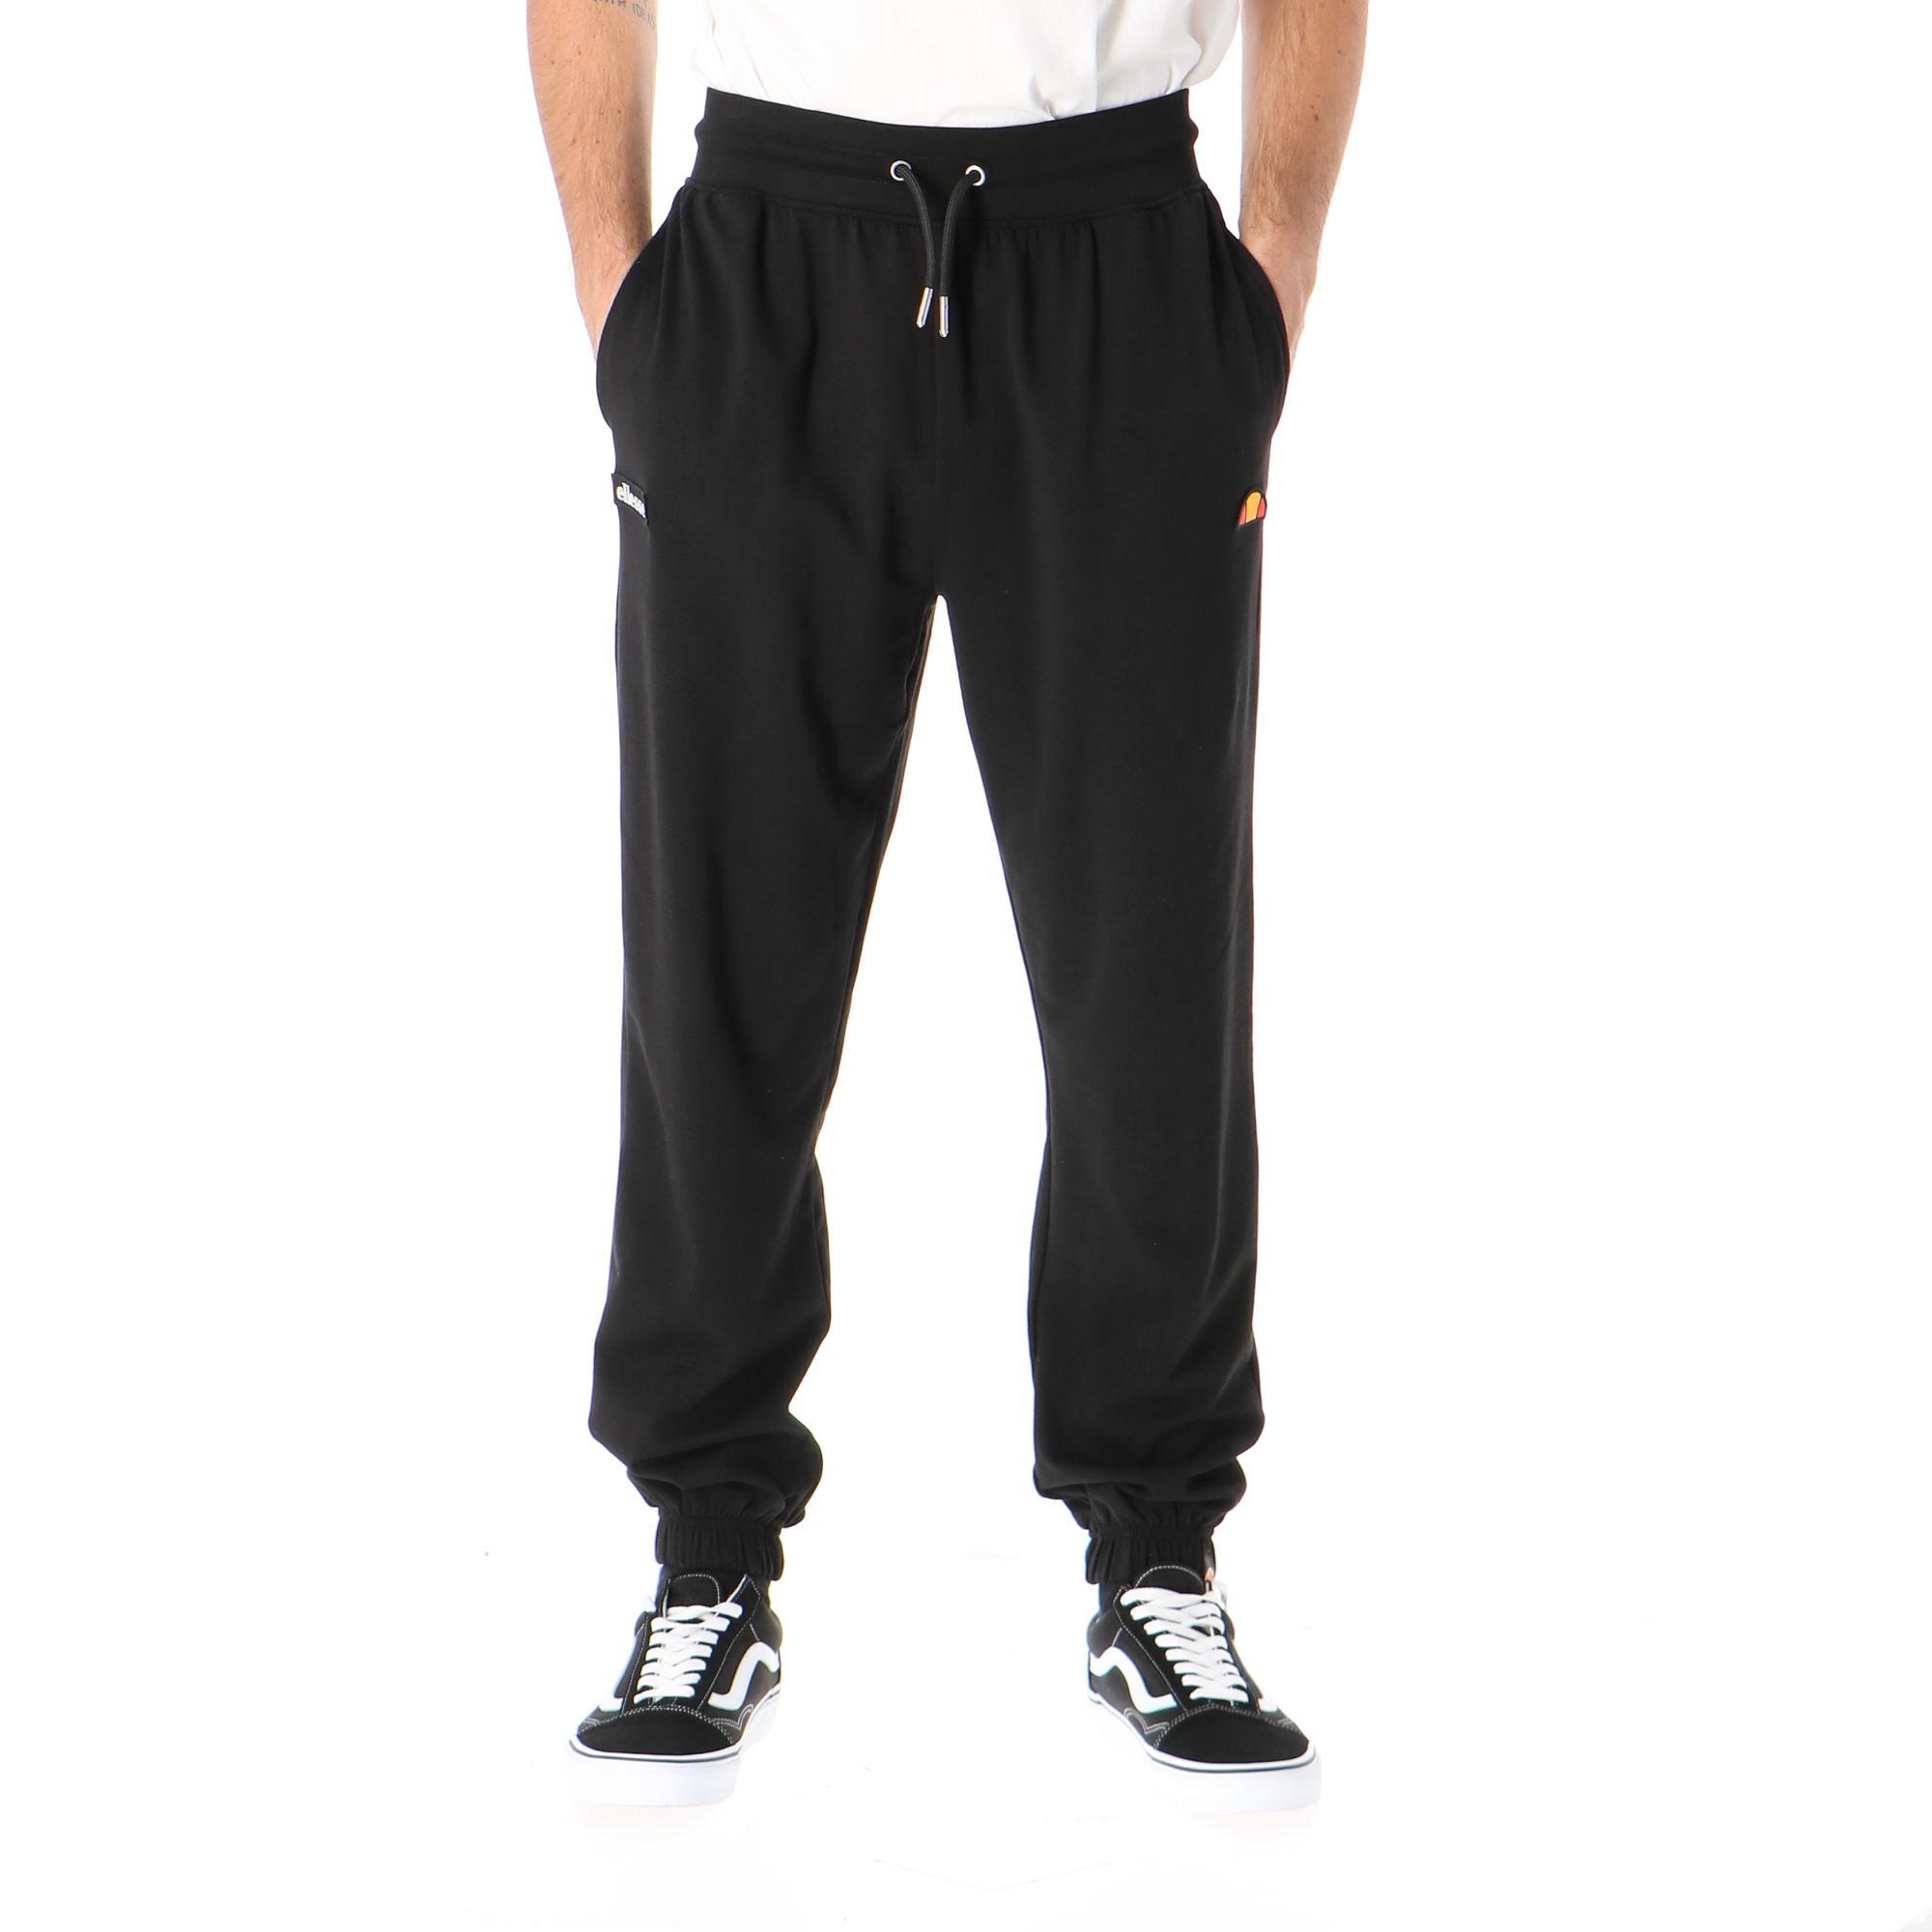 Ellesse Pants Black